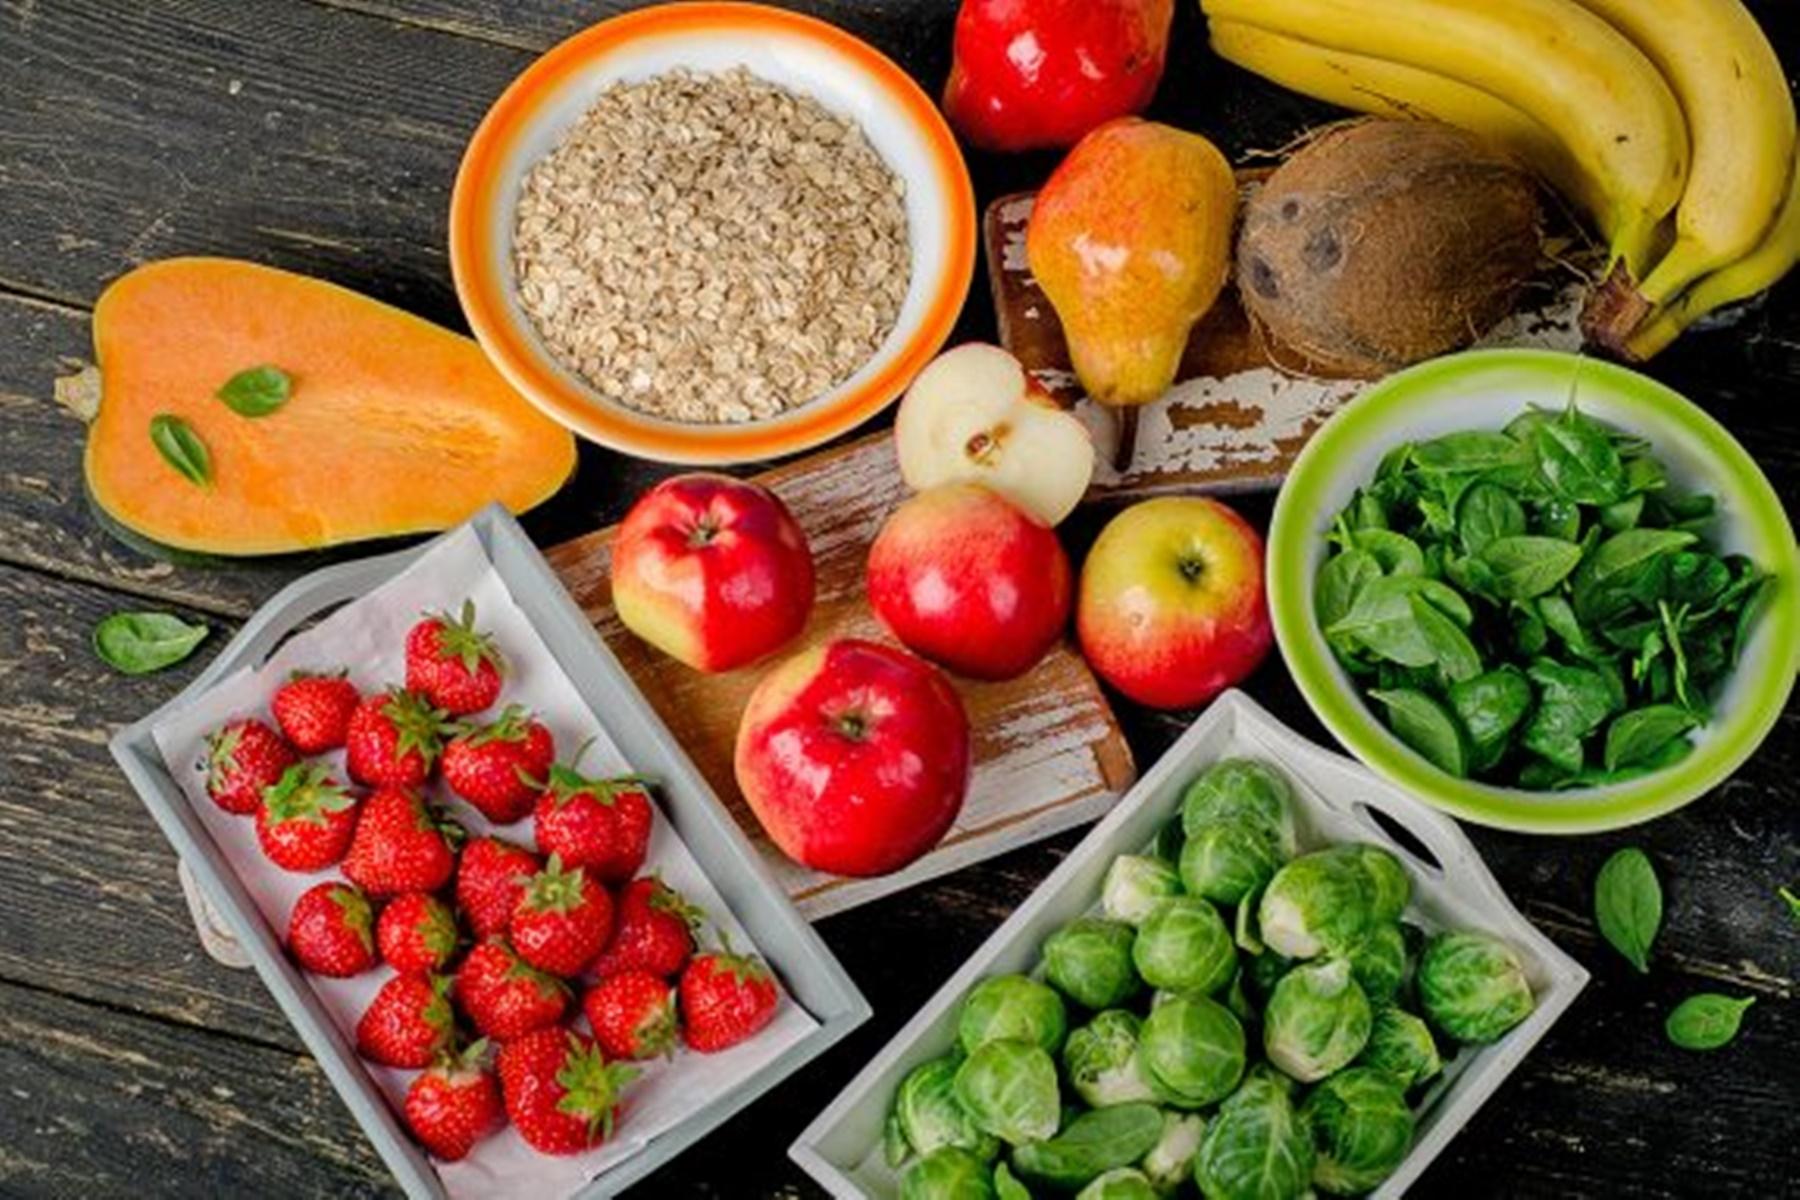 Διατροφή : Συμβουλές για υγιή μελλοντικό οργανισμό